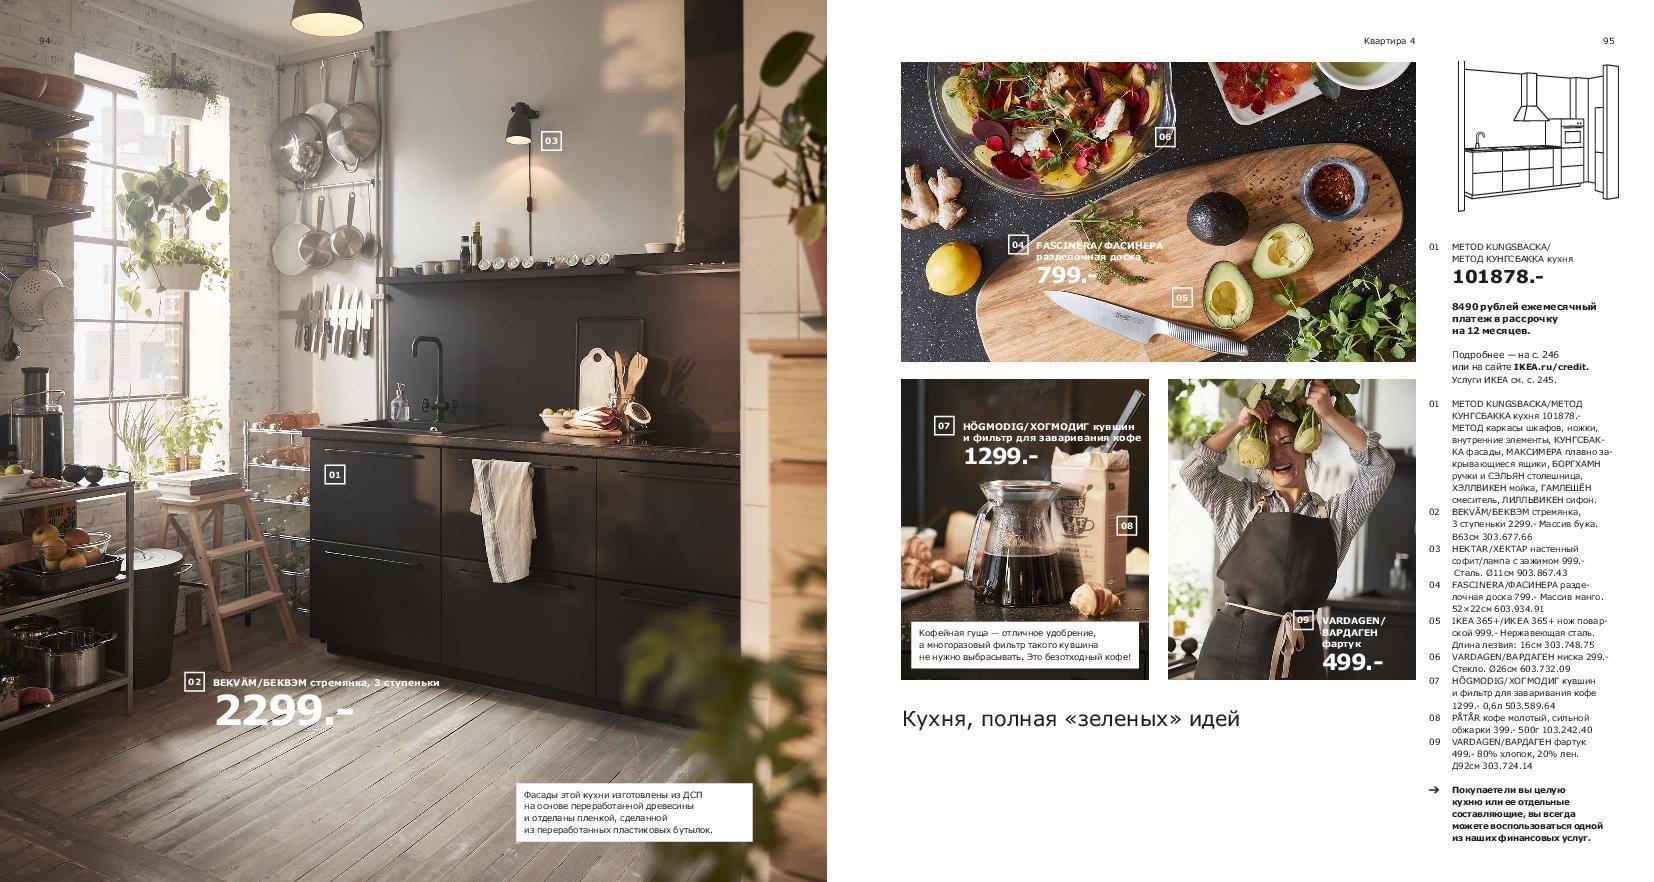 IKEA_catalogue_2019-48